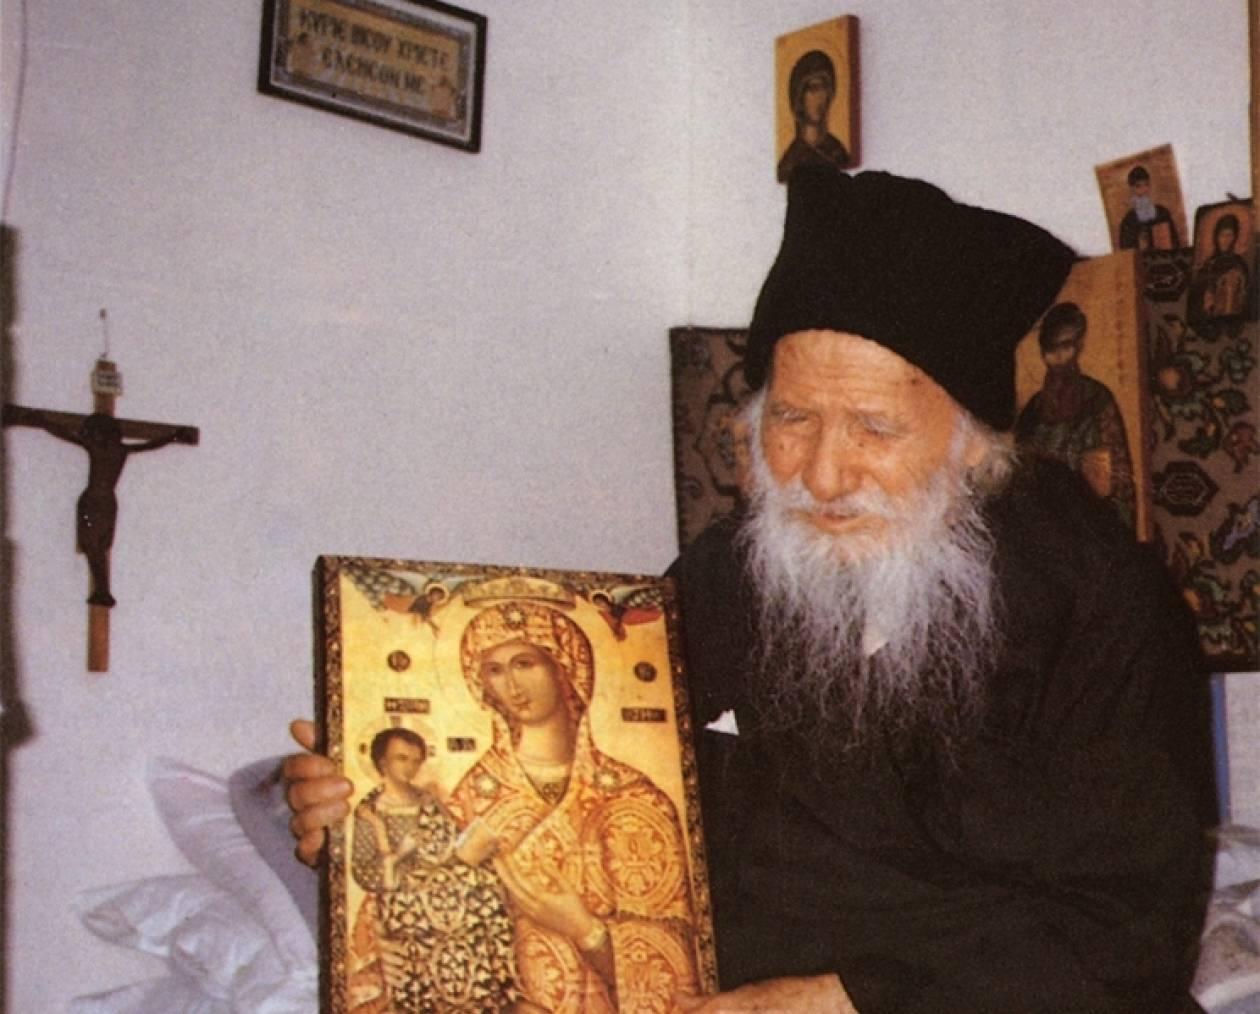 Επίσημα Άγιος της Ορθόδοξης Εκκλησίας ο Γέροντας Πορφύριος